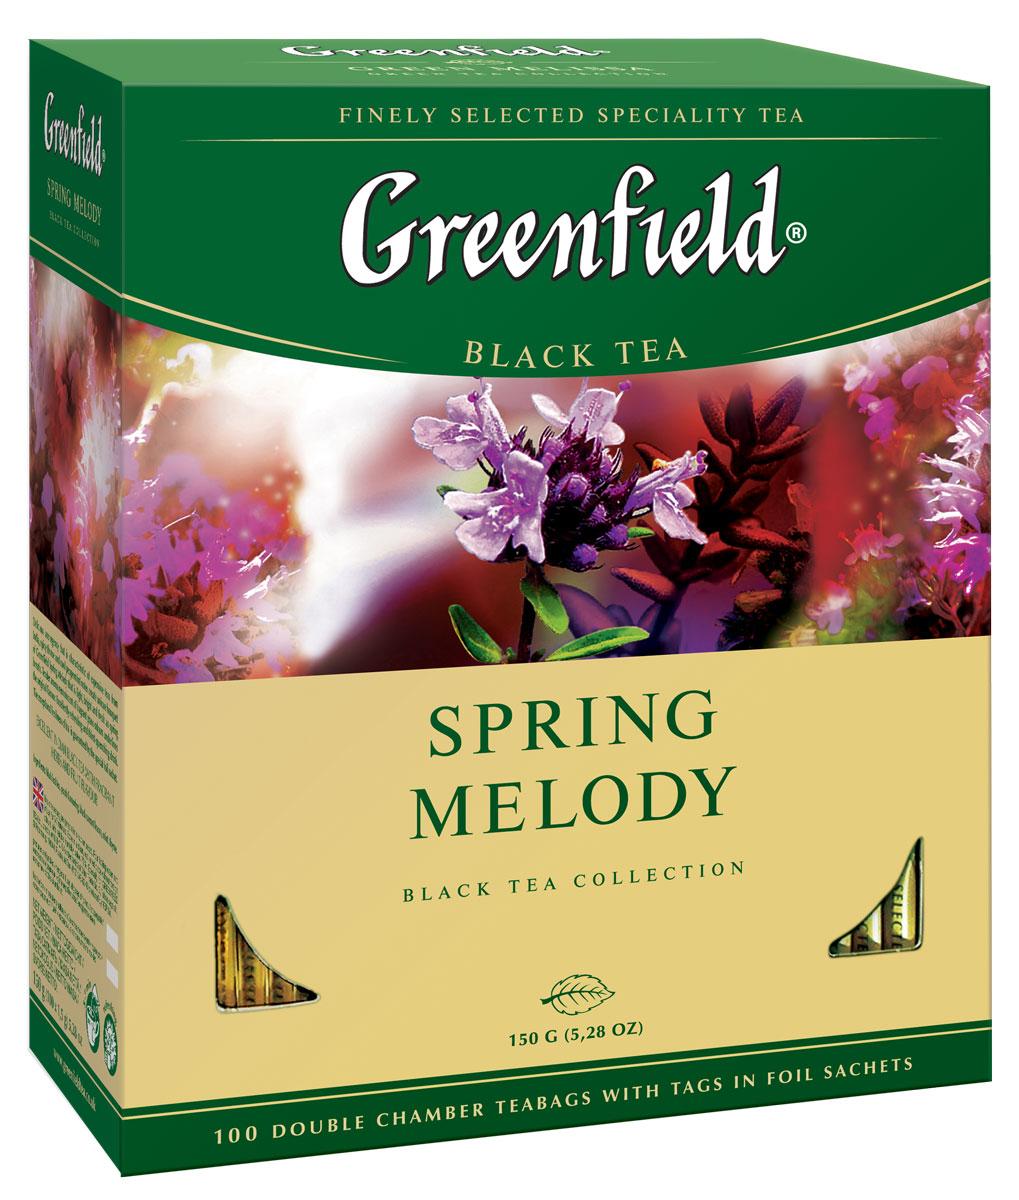 Greenfield Spring Melody черный чай в пакетиках, 100 шт greenfield classic breakfast черный листовой чай 100 г